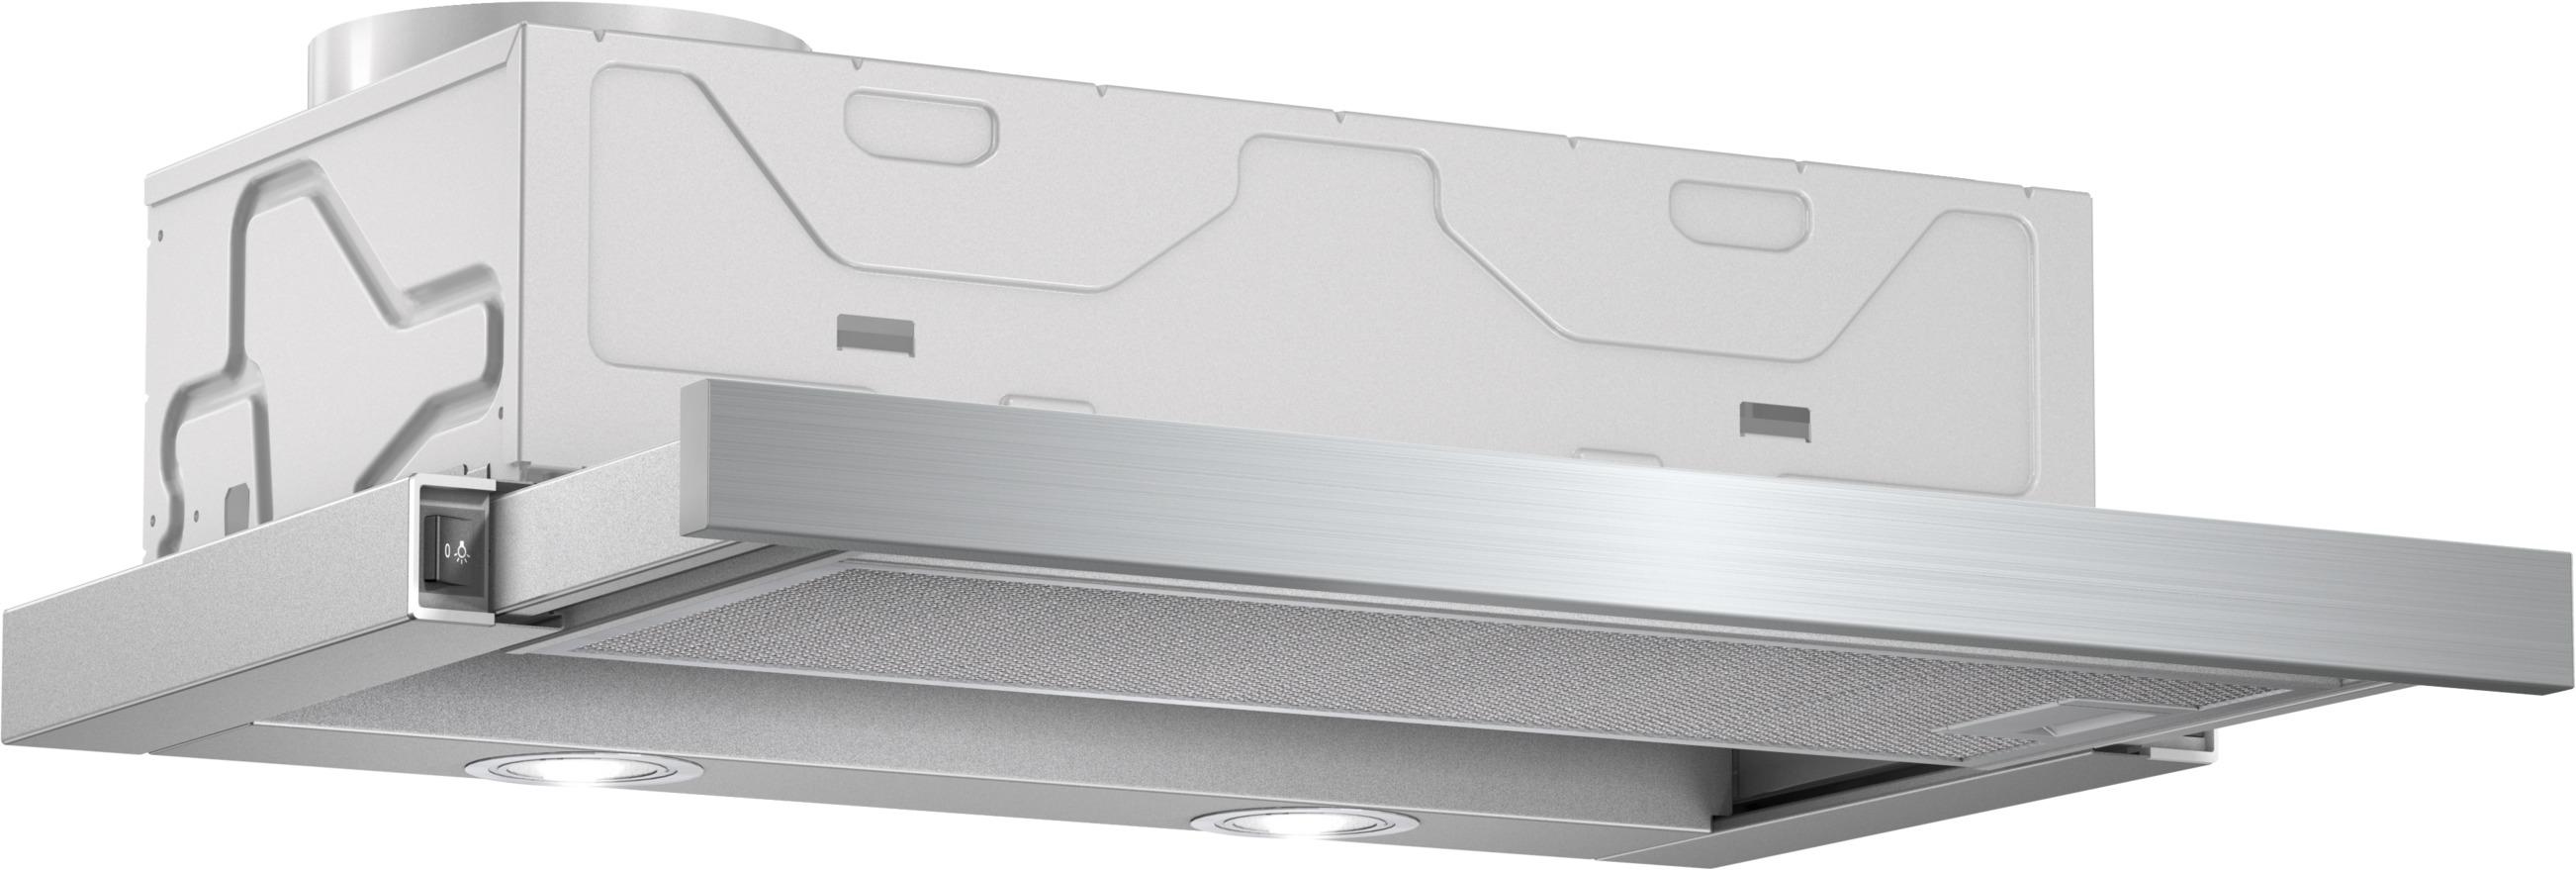 Bosch DFM064W50 Afzuigkap vlakscherm Aluminium